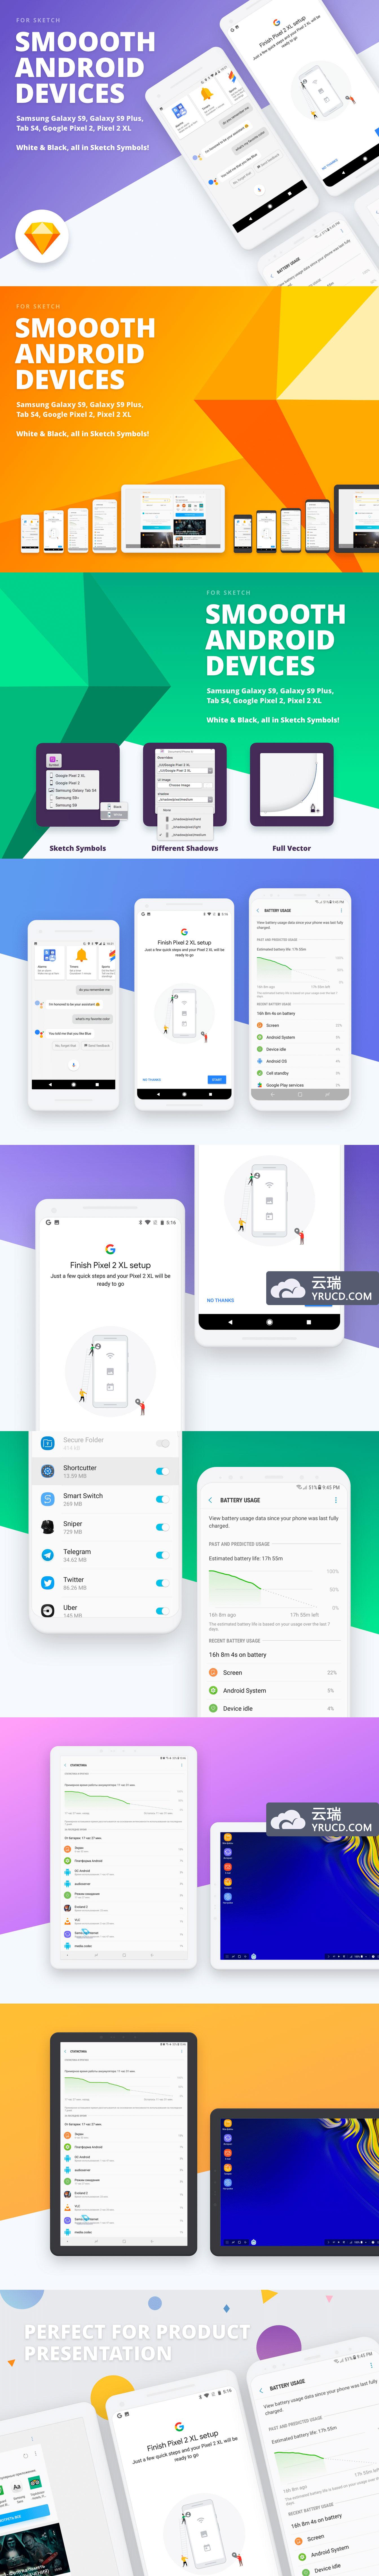 好用的扁平化风格的Android安卓手机APP设计展示样机 [Sketch]